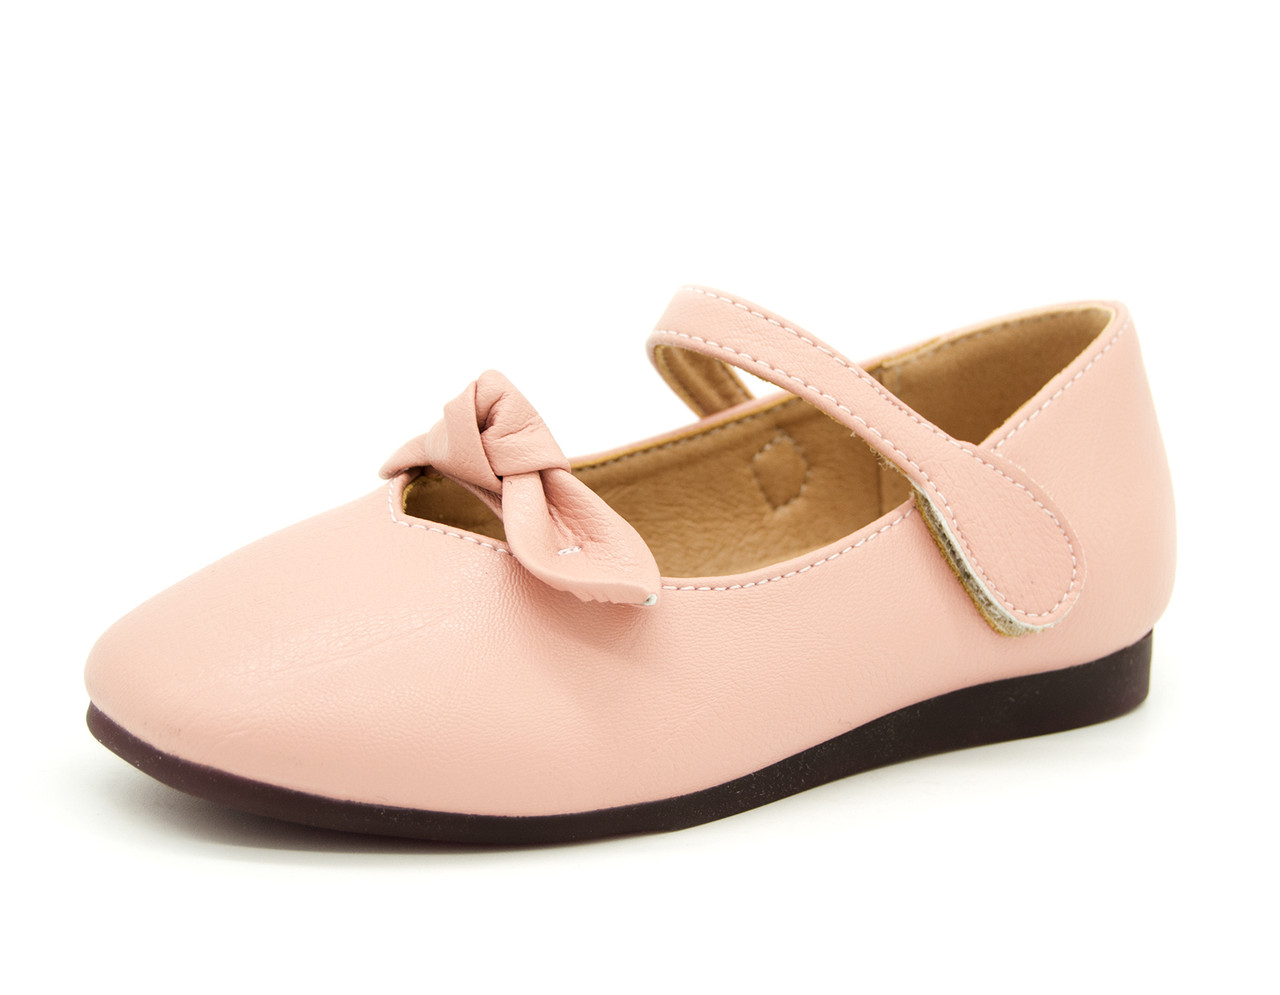 Туфли для девочки Розовый Размеры: 27,28,29,31